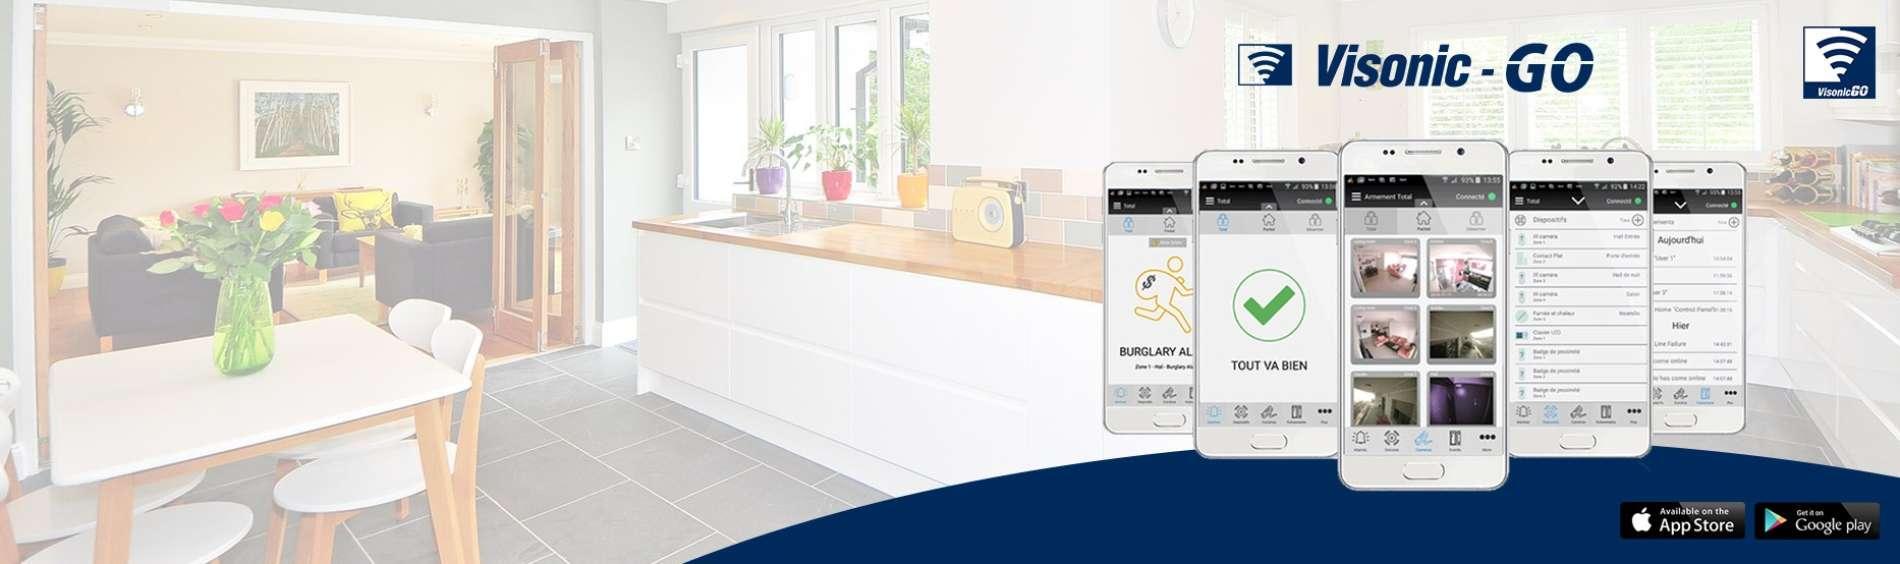 VISONIC-GO : Application mobile pour les centrales PowerMax et PowerMASTER